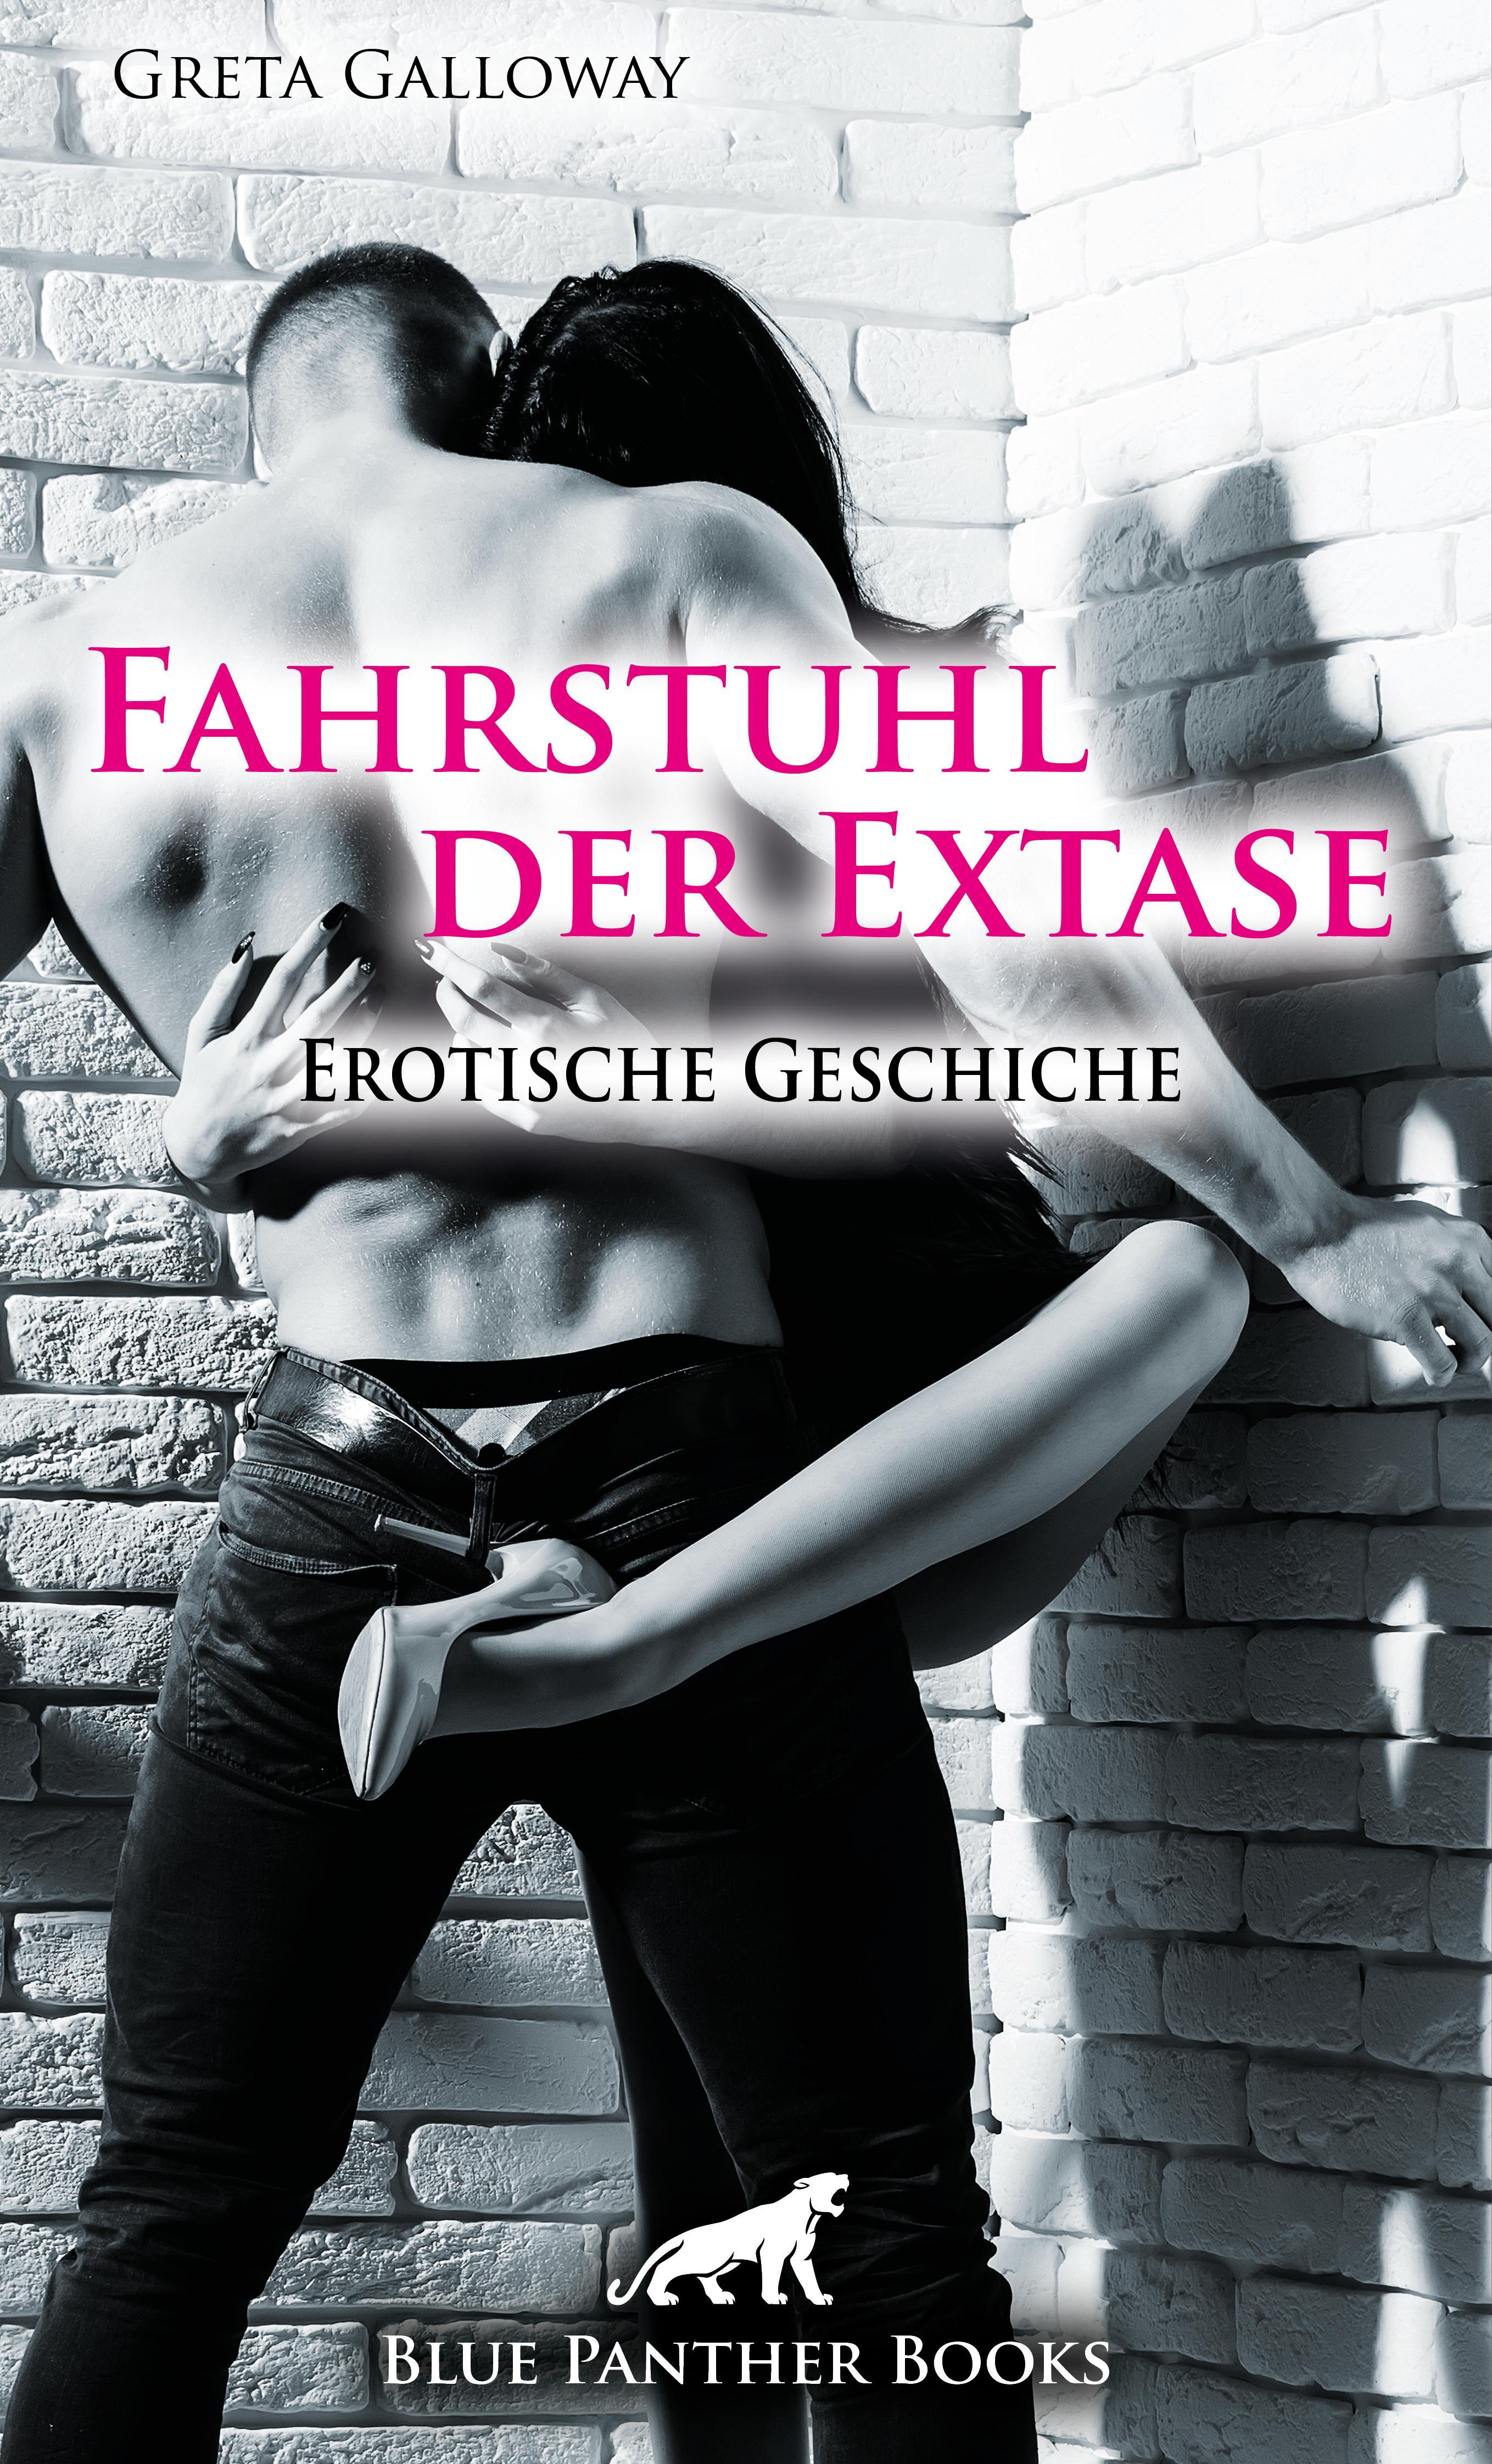 Fahrstuhl der Extase | Erotische Geschichte фото